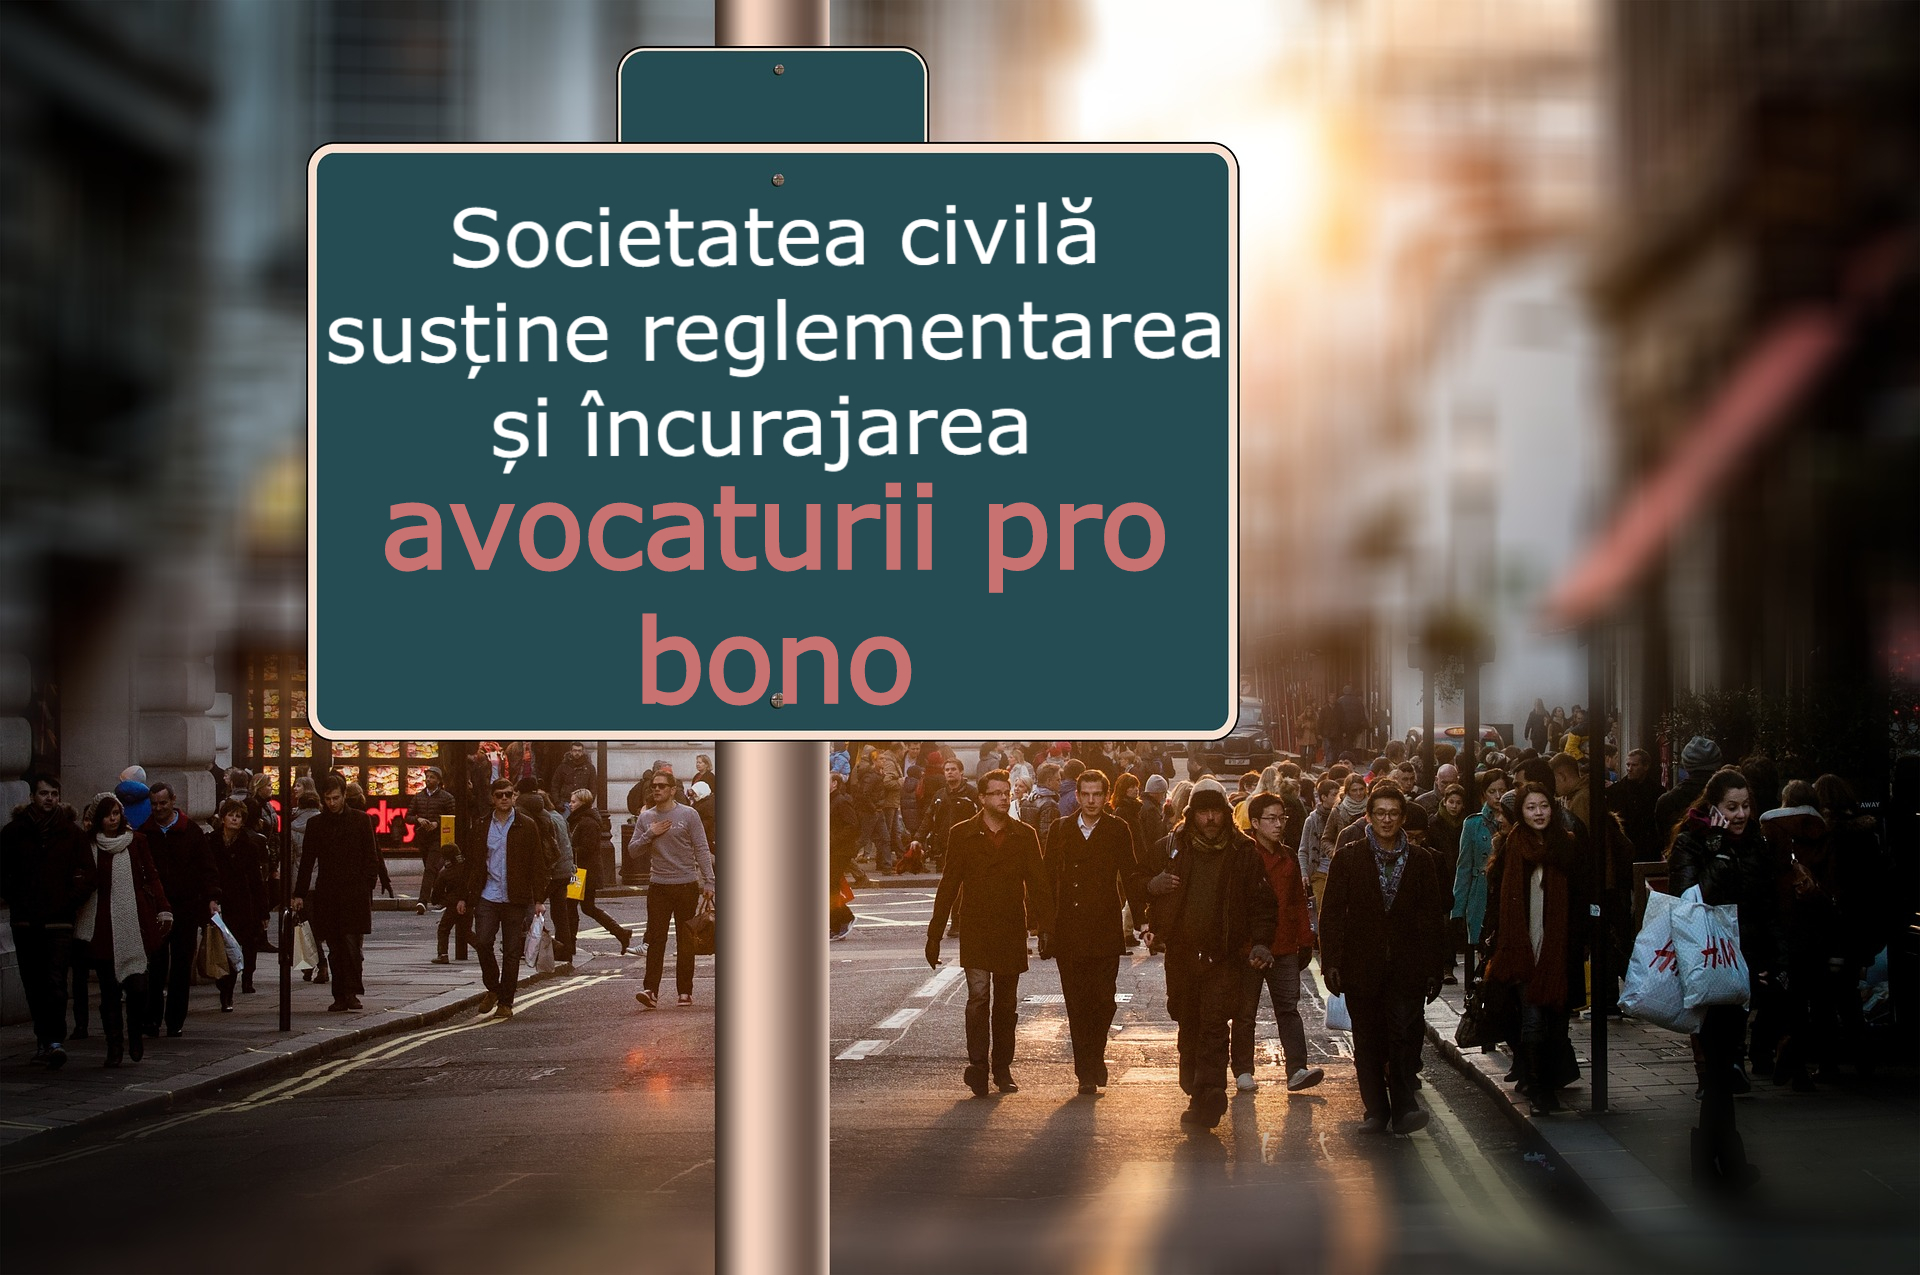 Societatea civilă susține reglementarea și încurajarea avocaturii pro bono